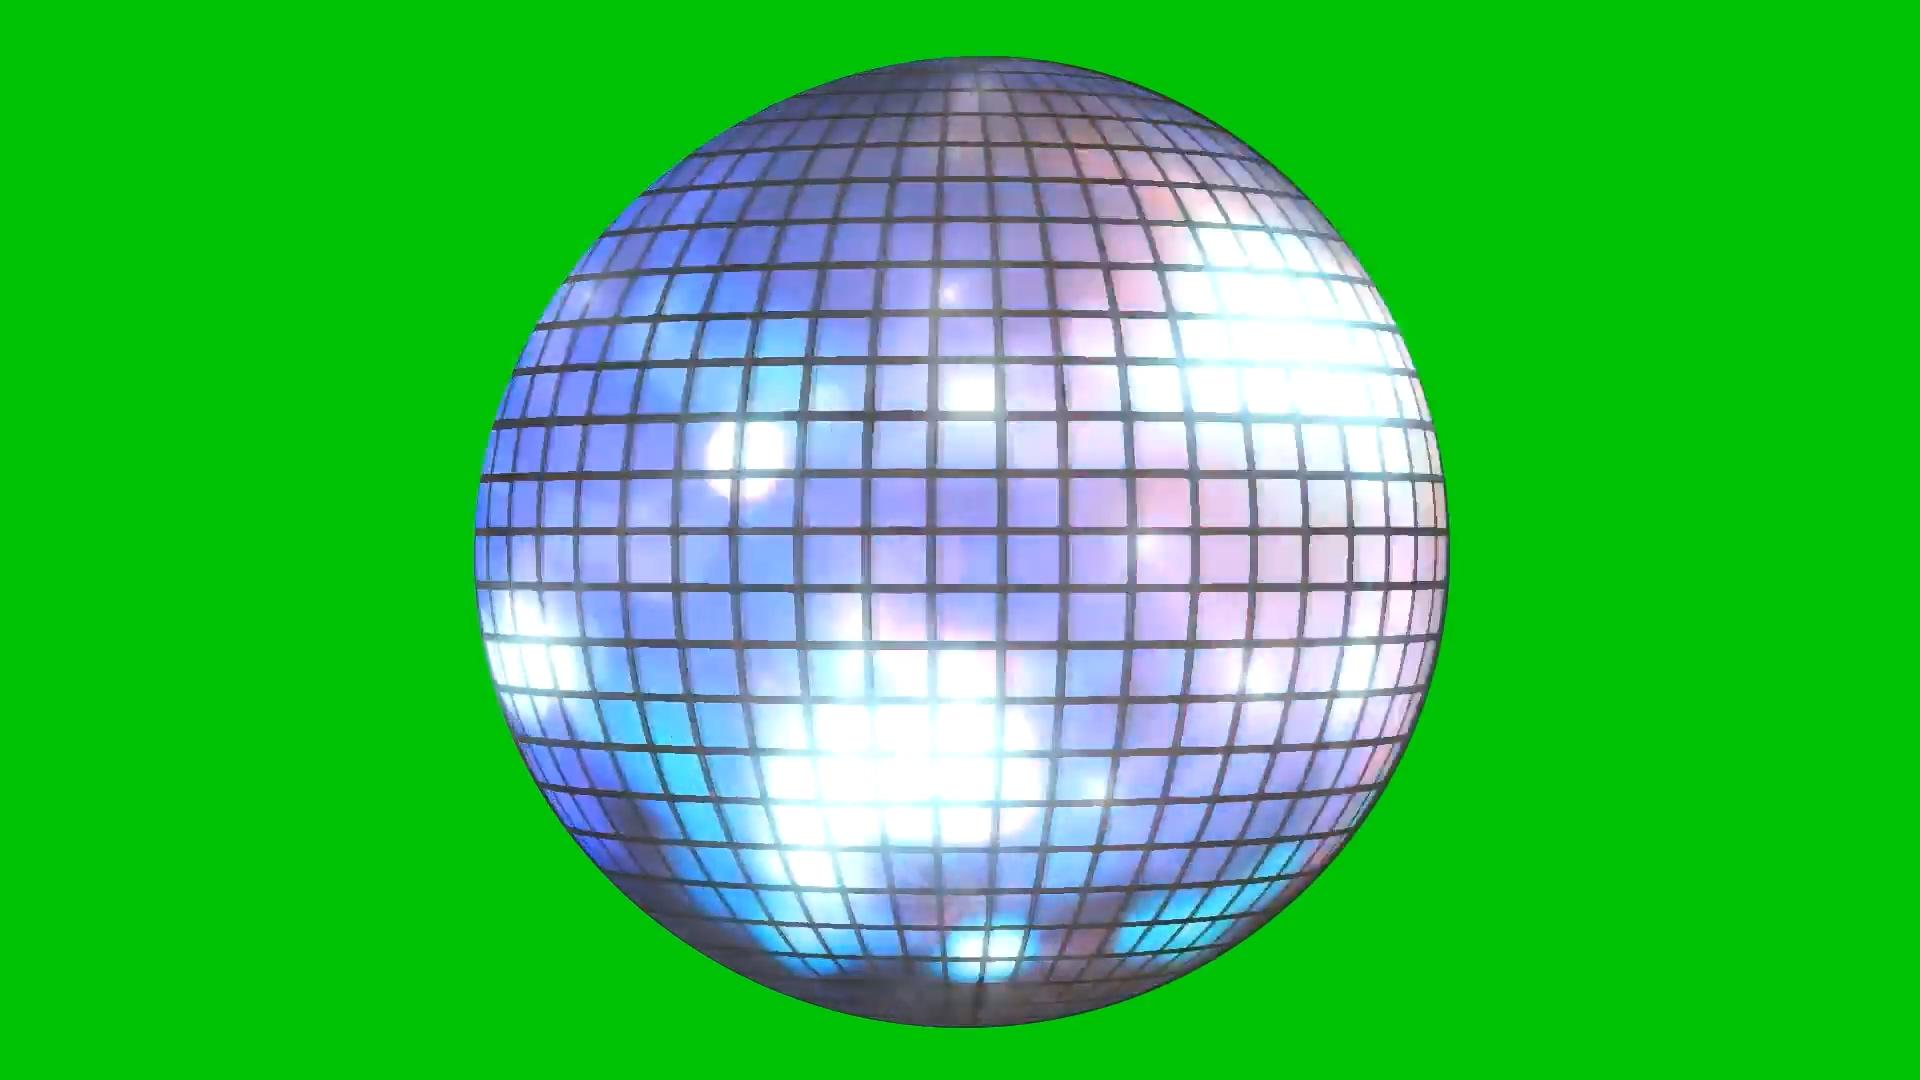 绿屏抠像舞厅迪斯科球